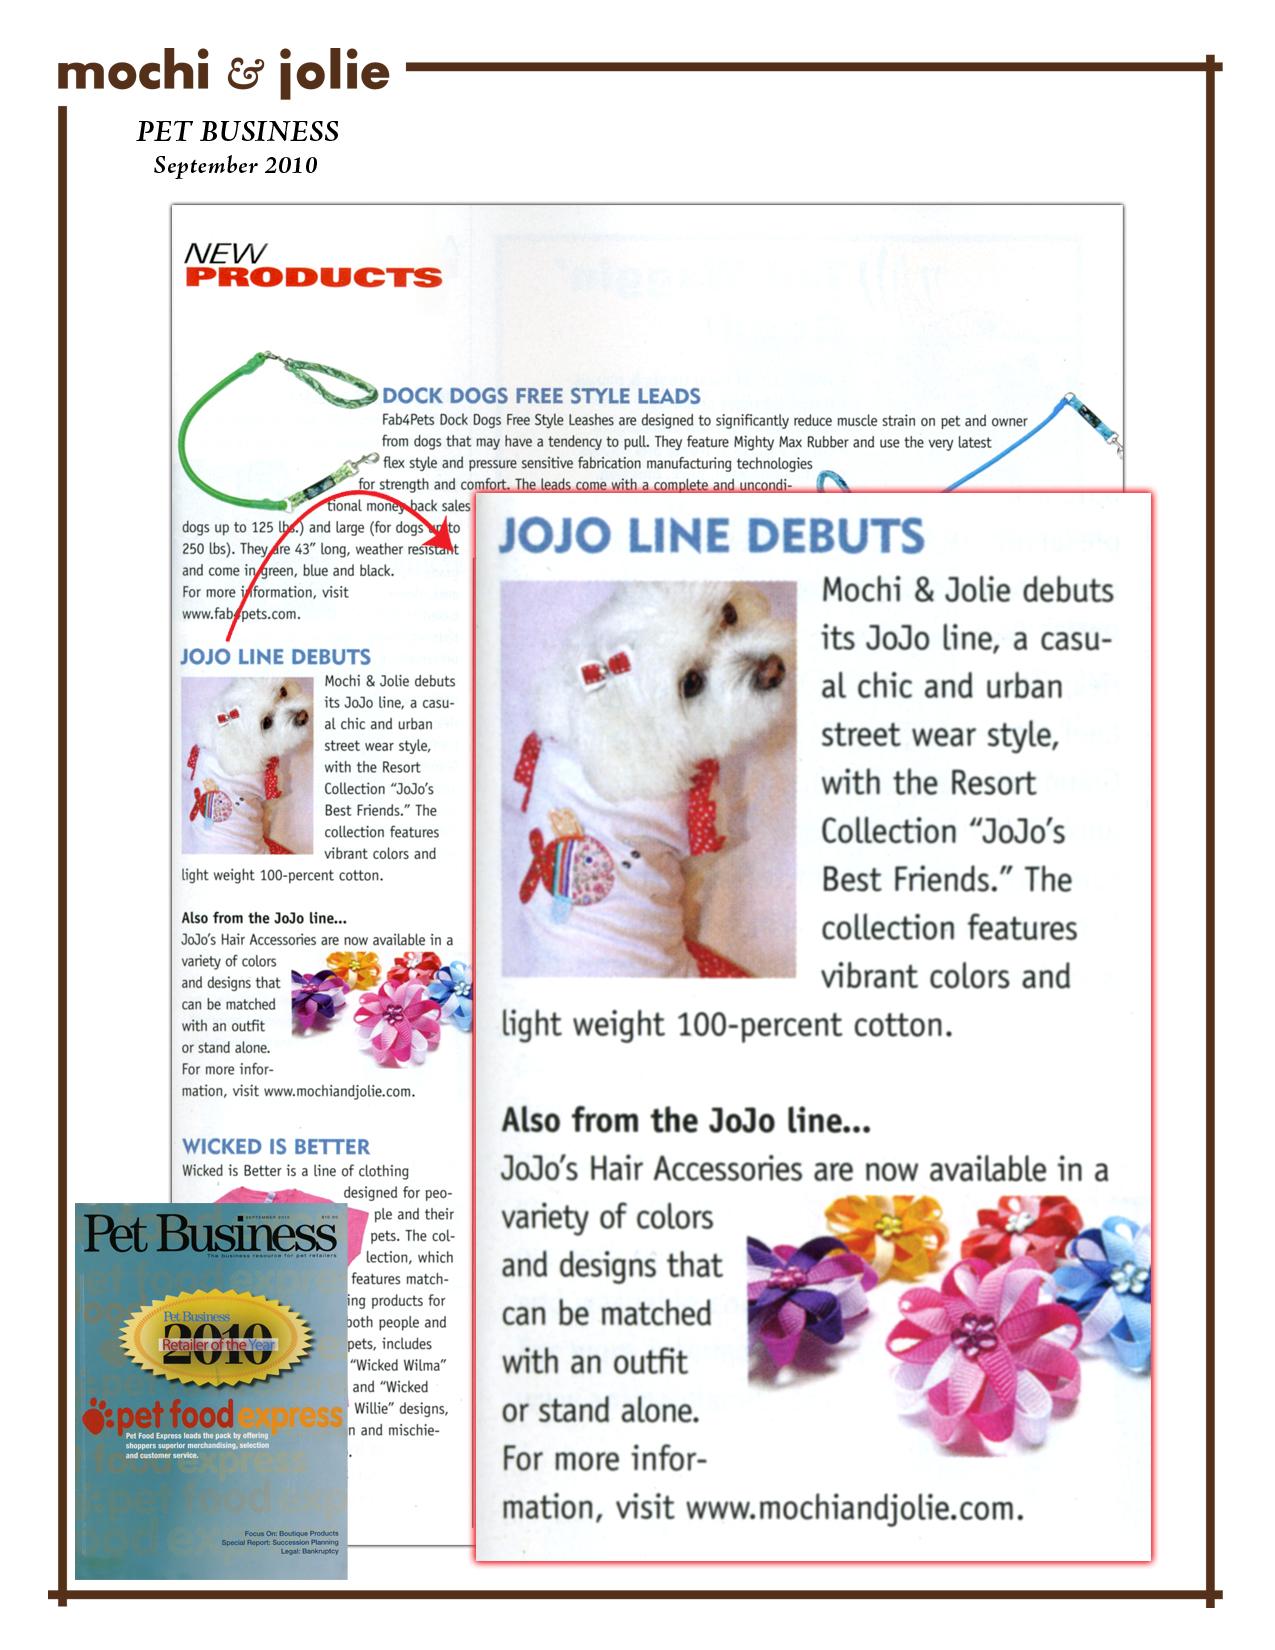 Pet Business (September 2010)